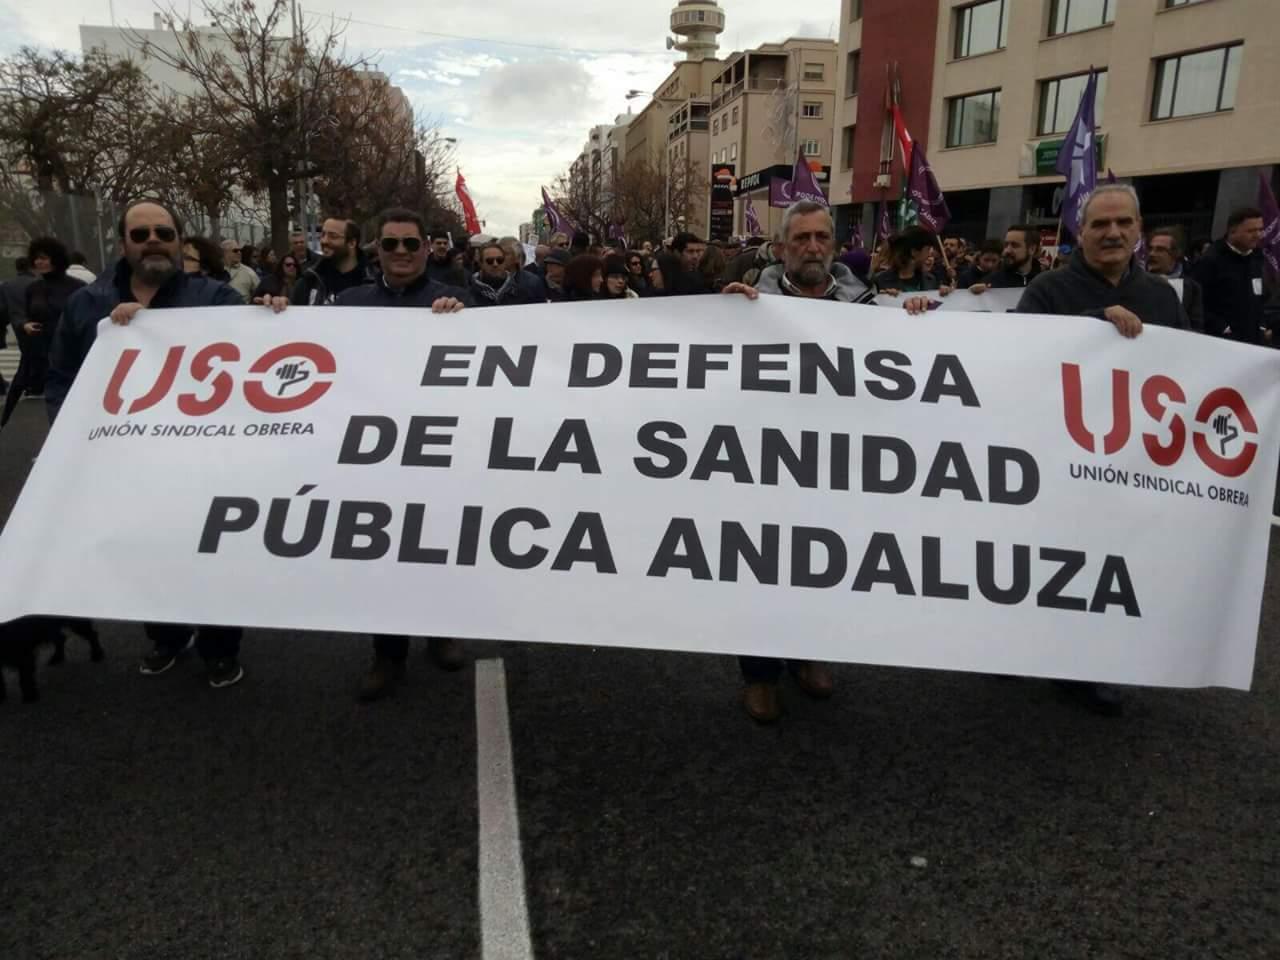 USO EN DEFENSA DE LA SANIDAD PUBLICA ANDALUZA